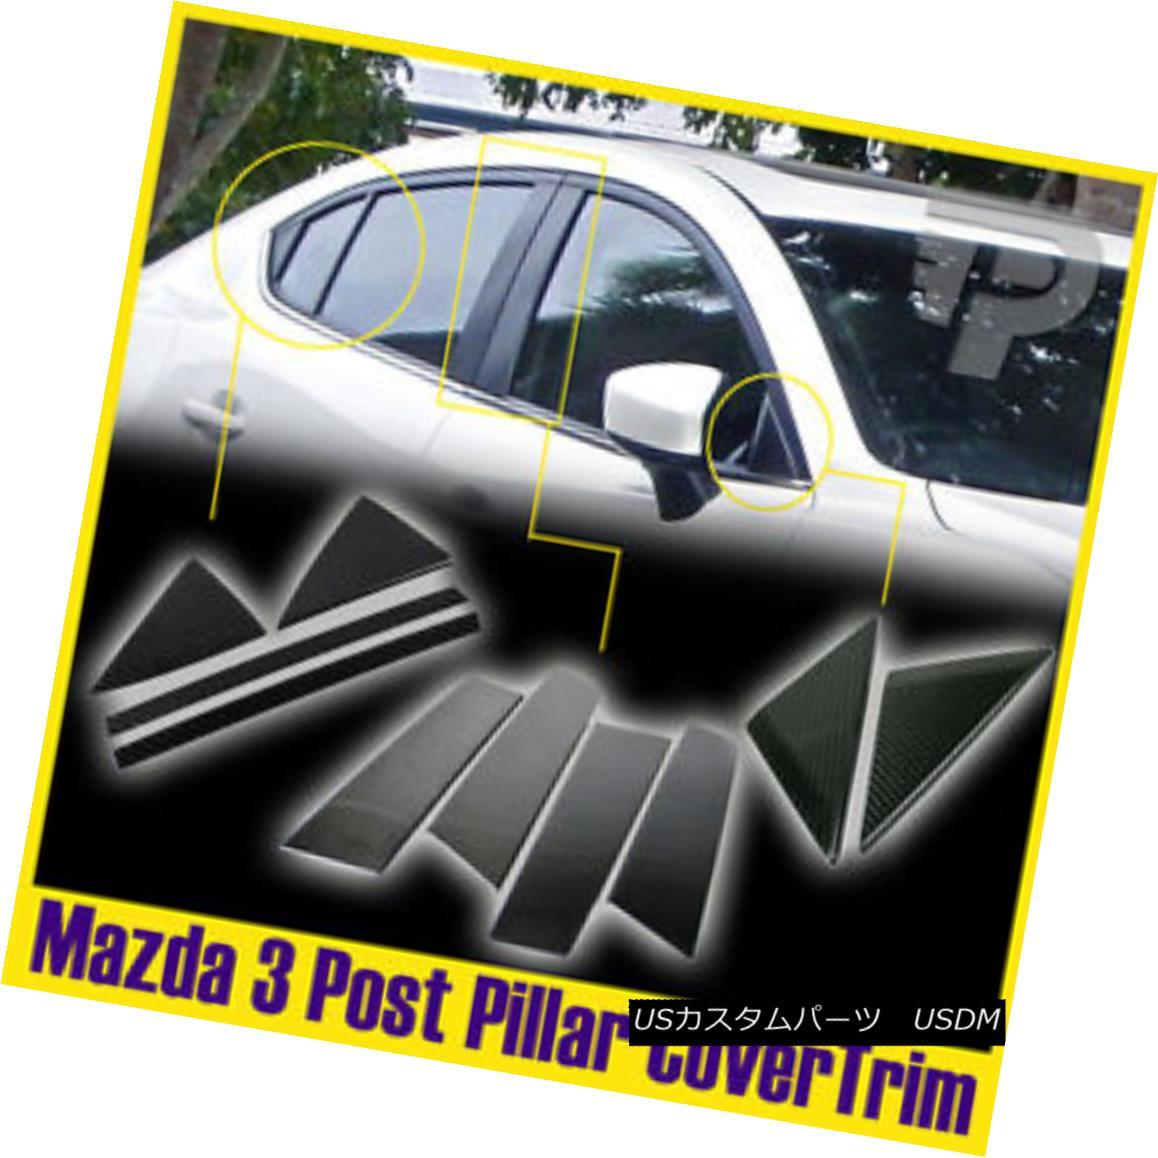 エアロパーツ Carbon For Mazda 3 3rd 4DR 5DR Side Pillar Post Cover Trim Cap 14 15 16 17 マツダ用カーボン3 3rd 4DR 5DRサイドピラーポストカバートリムキャップ14 15 16 17